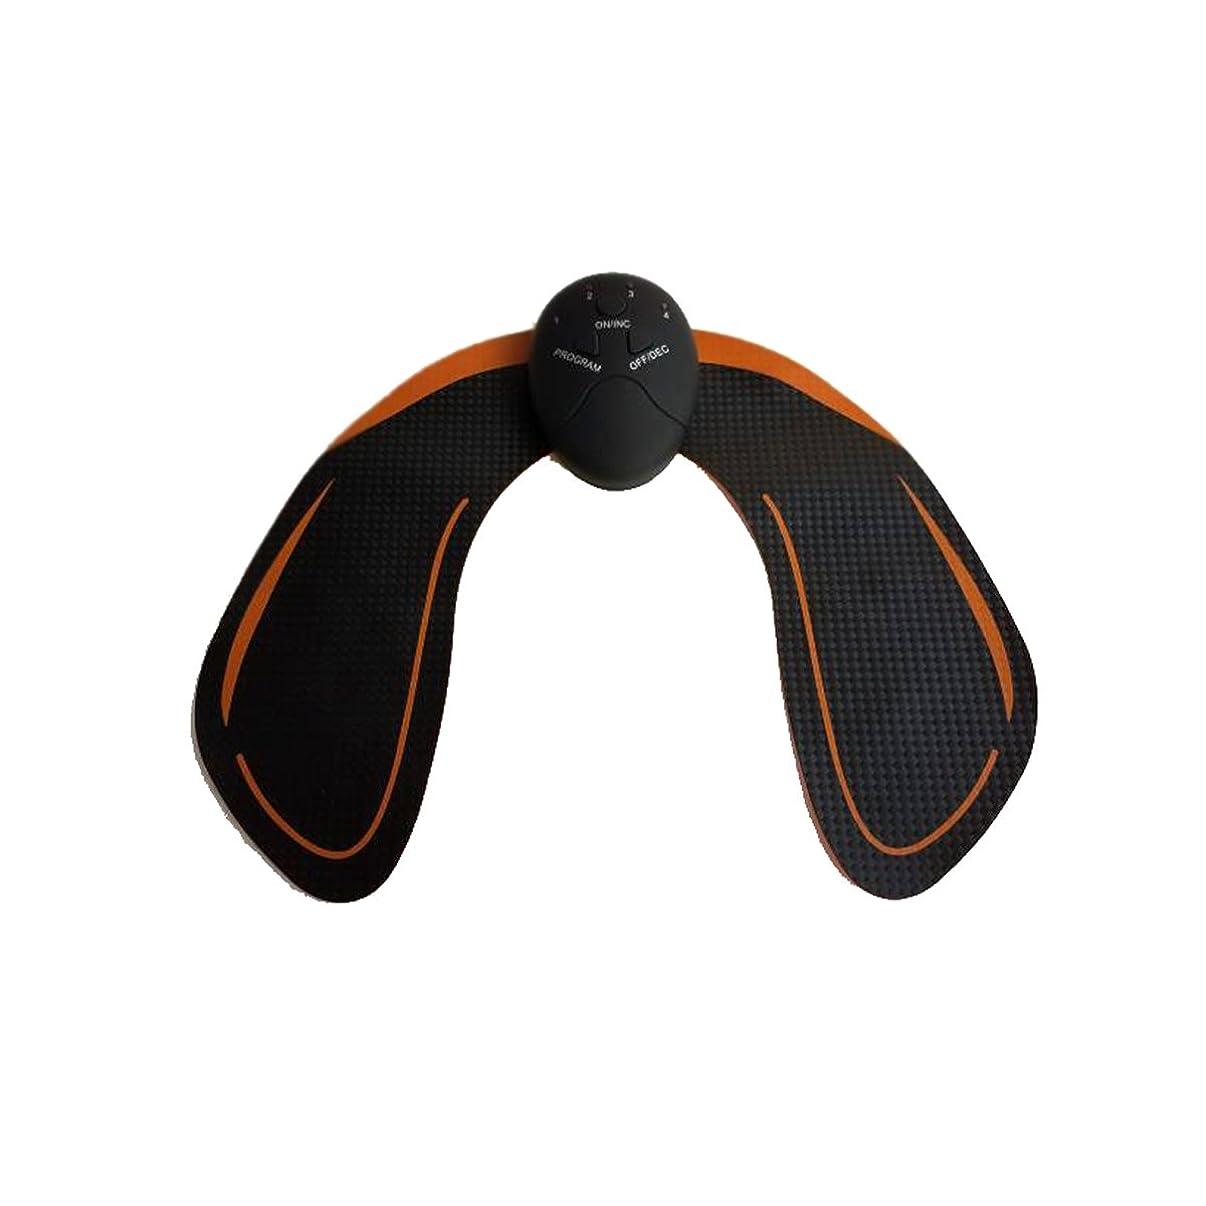 関係する取り消す内訳SUPVOX 電池式ボディ美容機器を持ち上げるお尻のヒップトレーナー(ブラック)